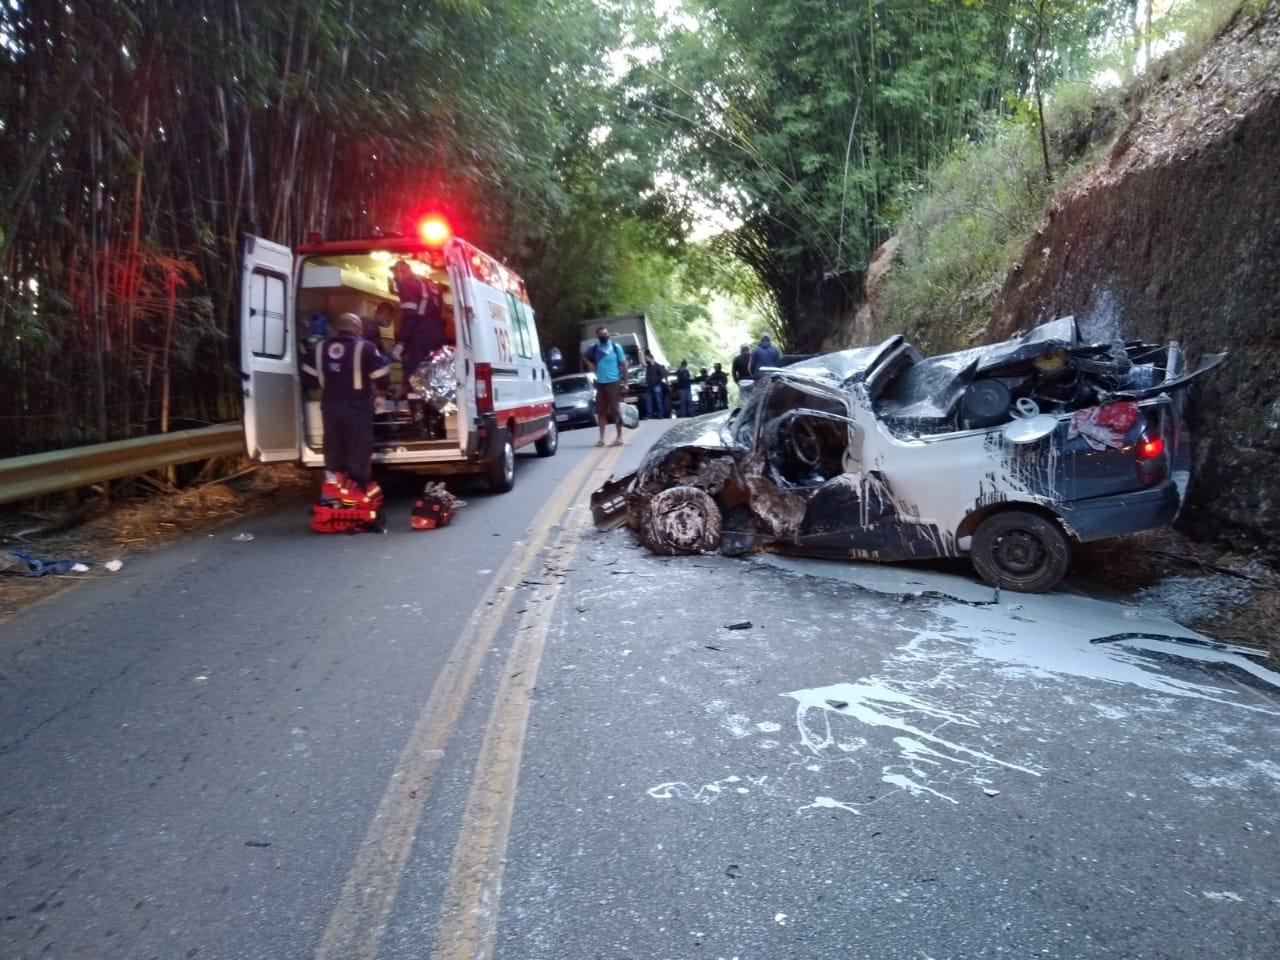 Colisão deixa duas pessoas gravemente feridas na SP-50 em São José dos Campos